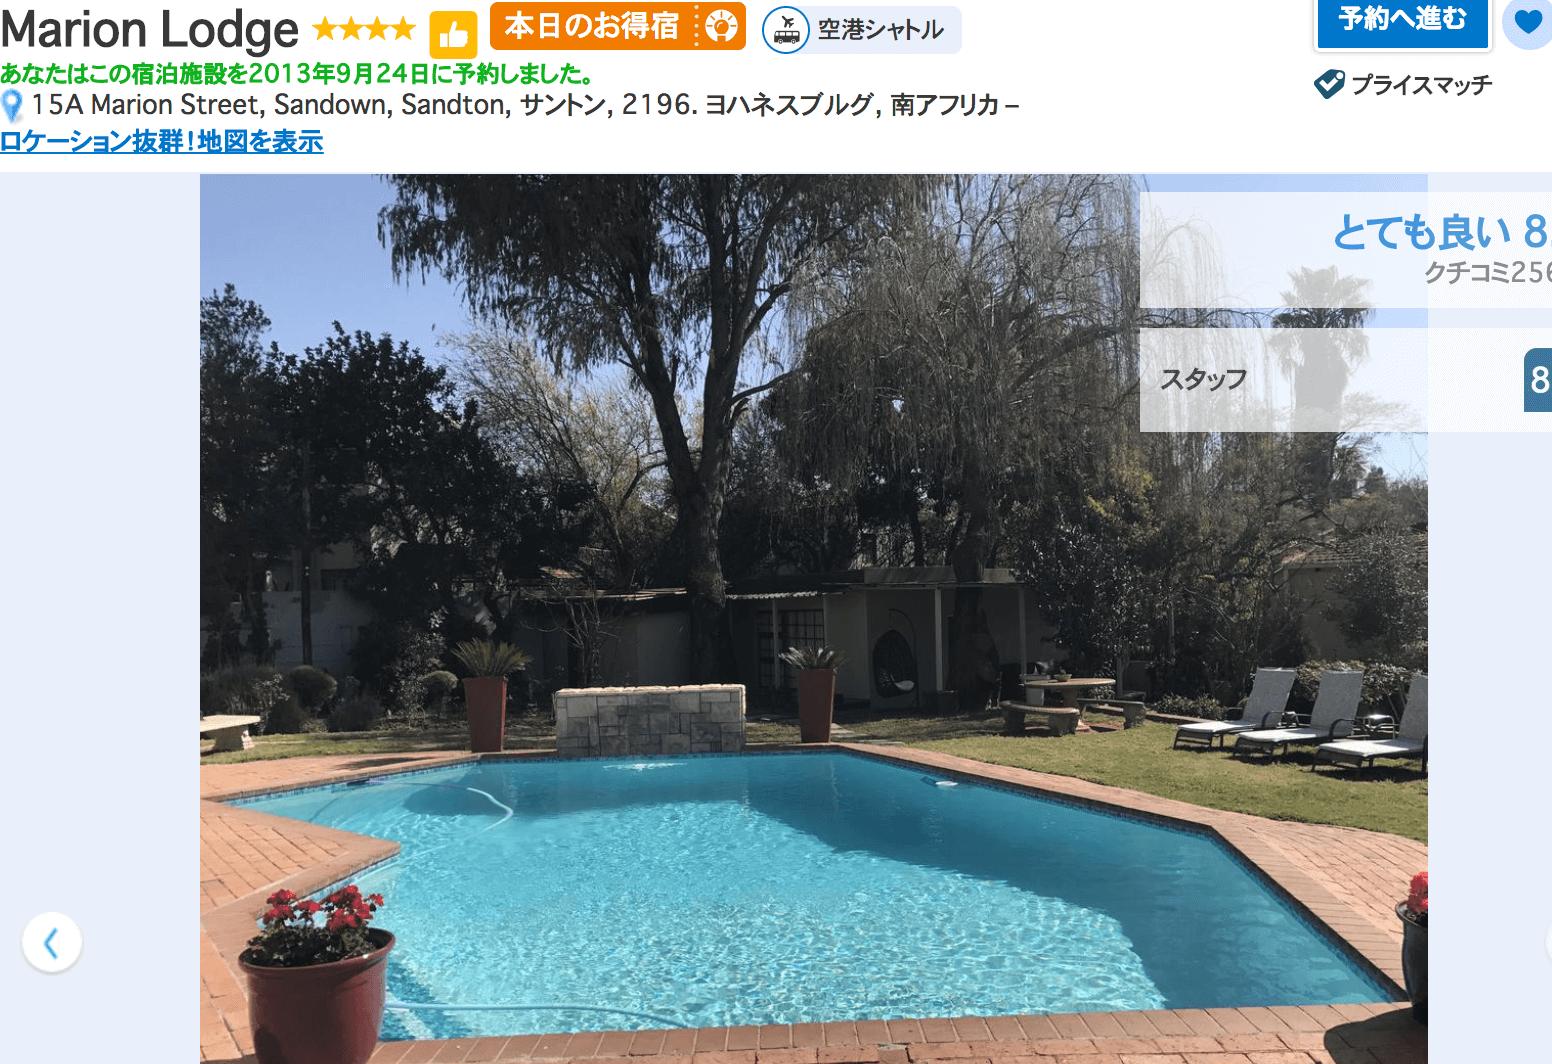 ゲストハウス 南アフリカ